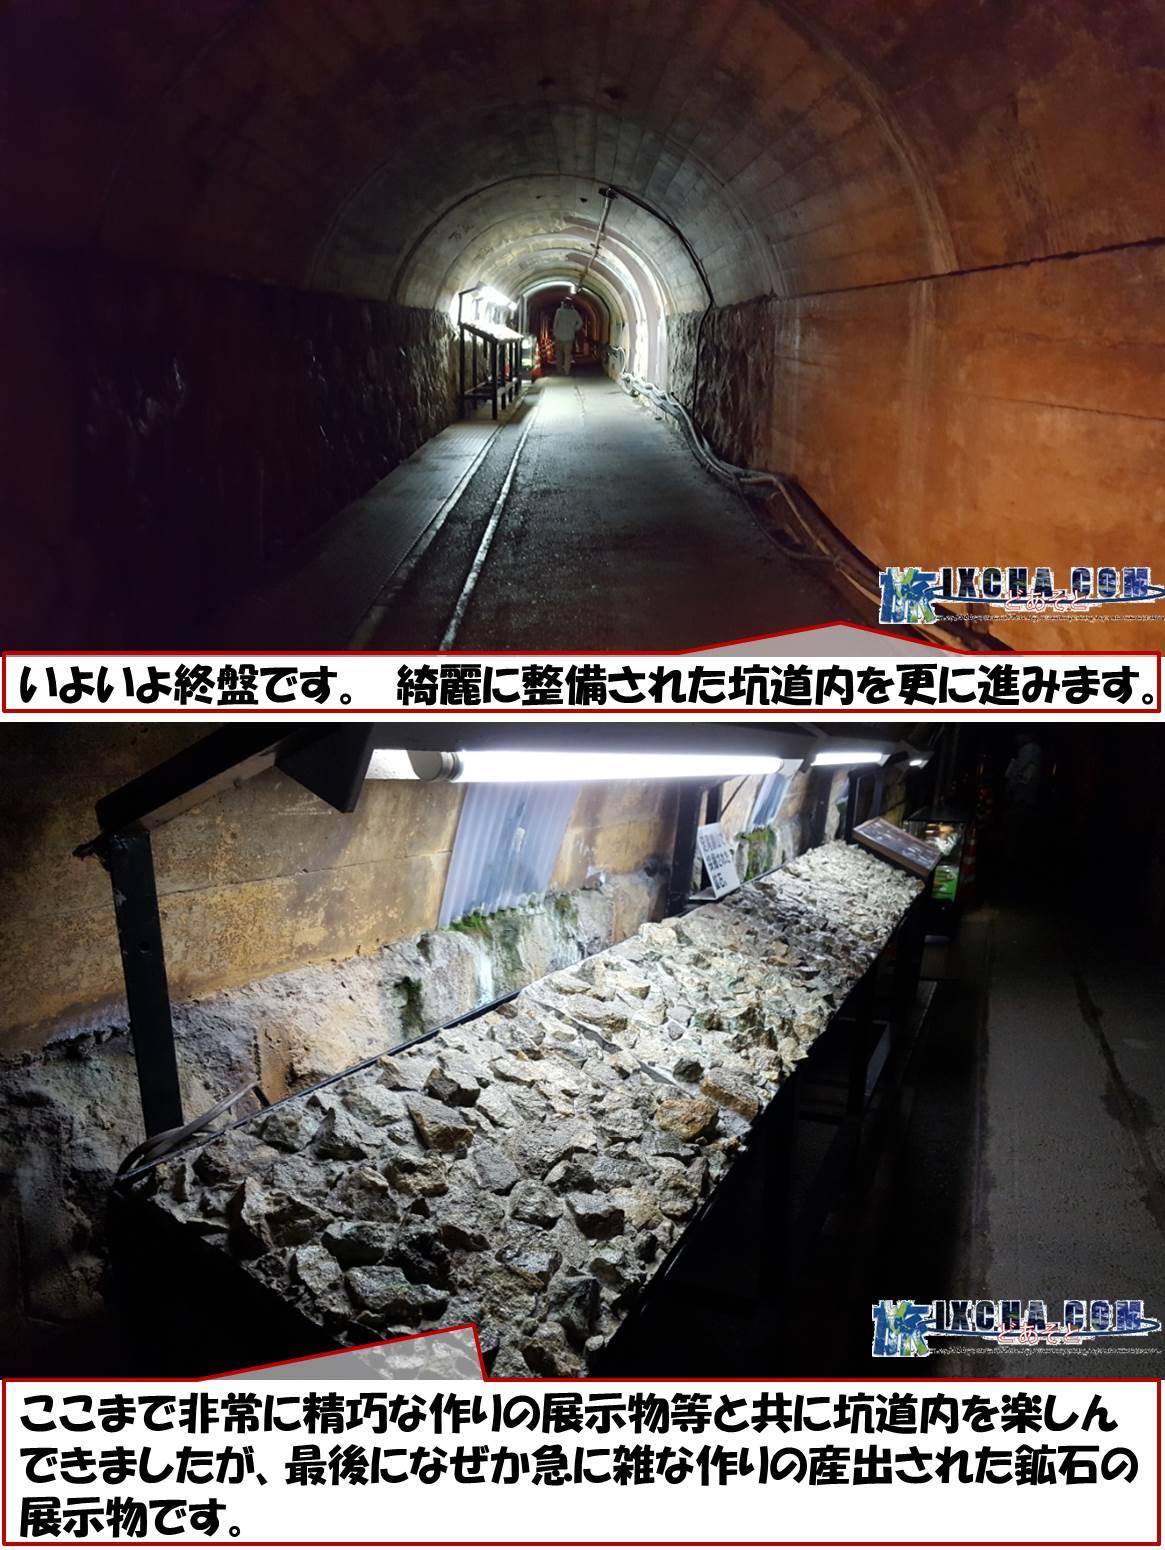 そして、いよいよ終盤です。 綺麗に整備された坑道内を更に進みます。 ここまで非常に精巧な作りの展示物等と共に坑道内を楽しんできましたが、最後になぜか急に雑な作りの産出された鉱石の展示物です。